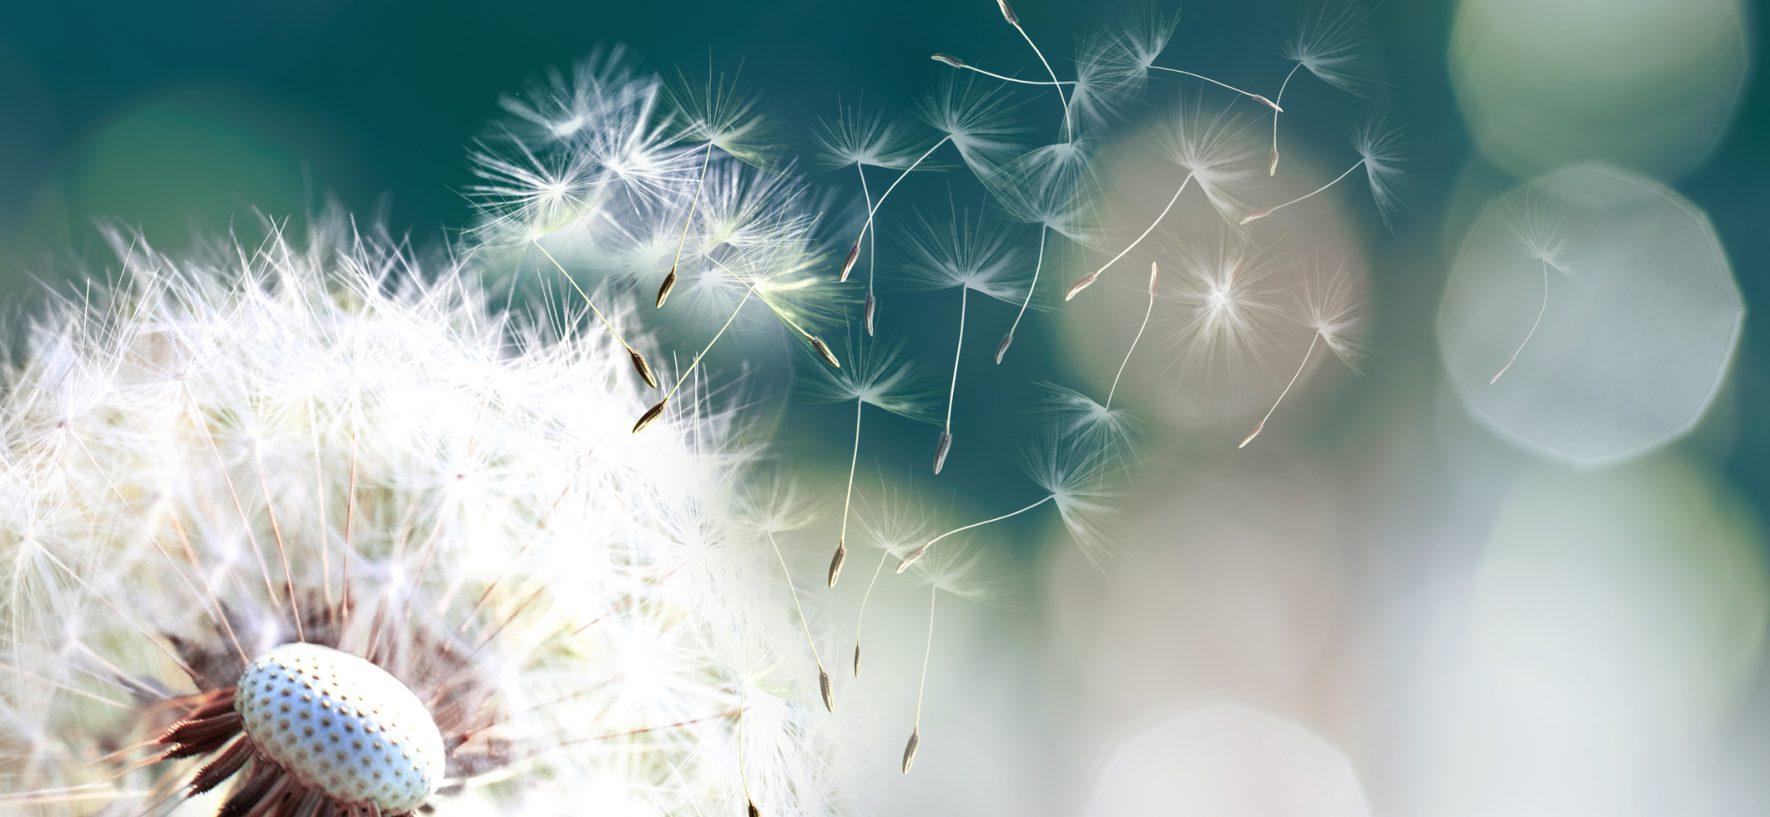 Rhume des foins, pollens, graminées. Et si la solution était dans le microbiote? EN